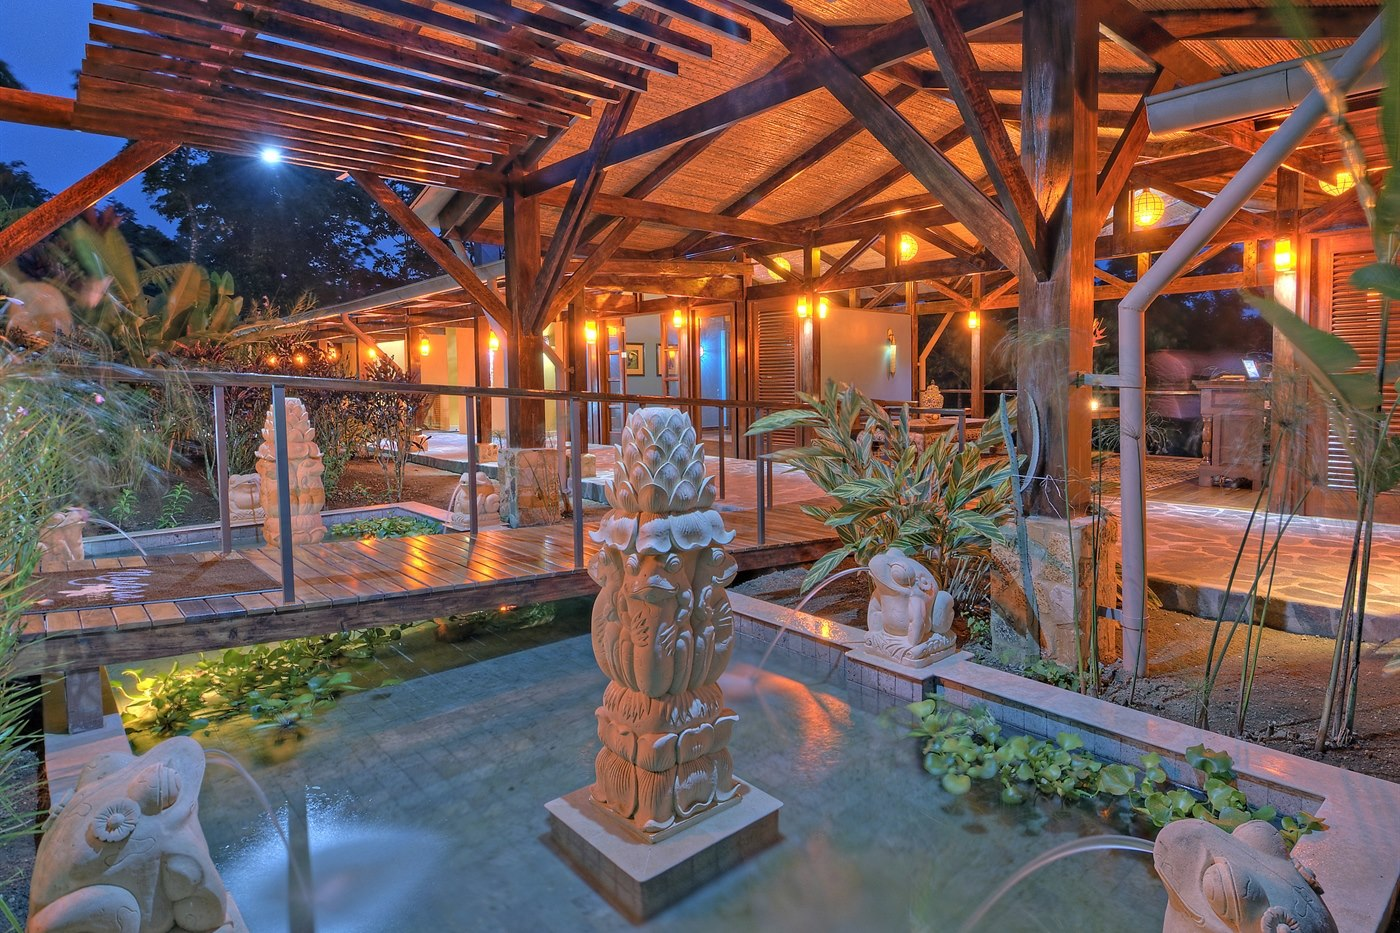 Small Hotels Costa Rica